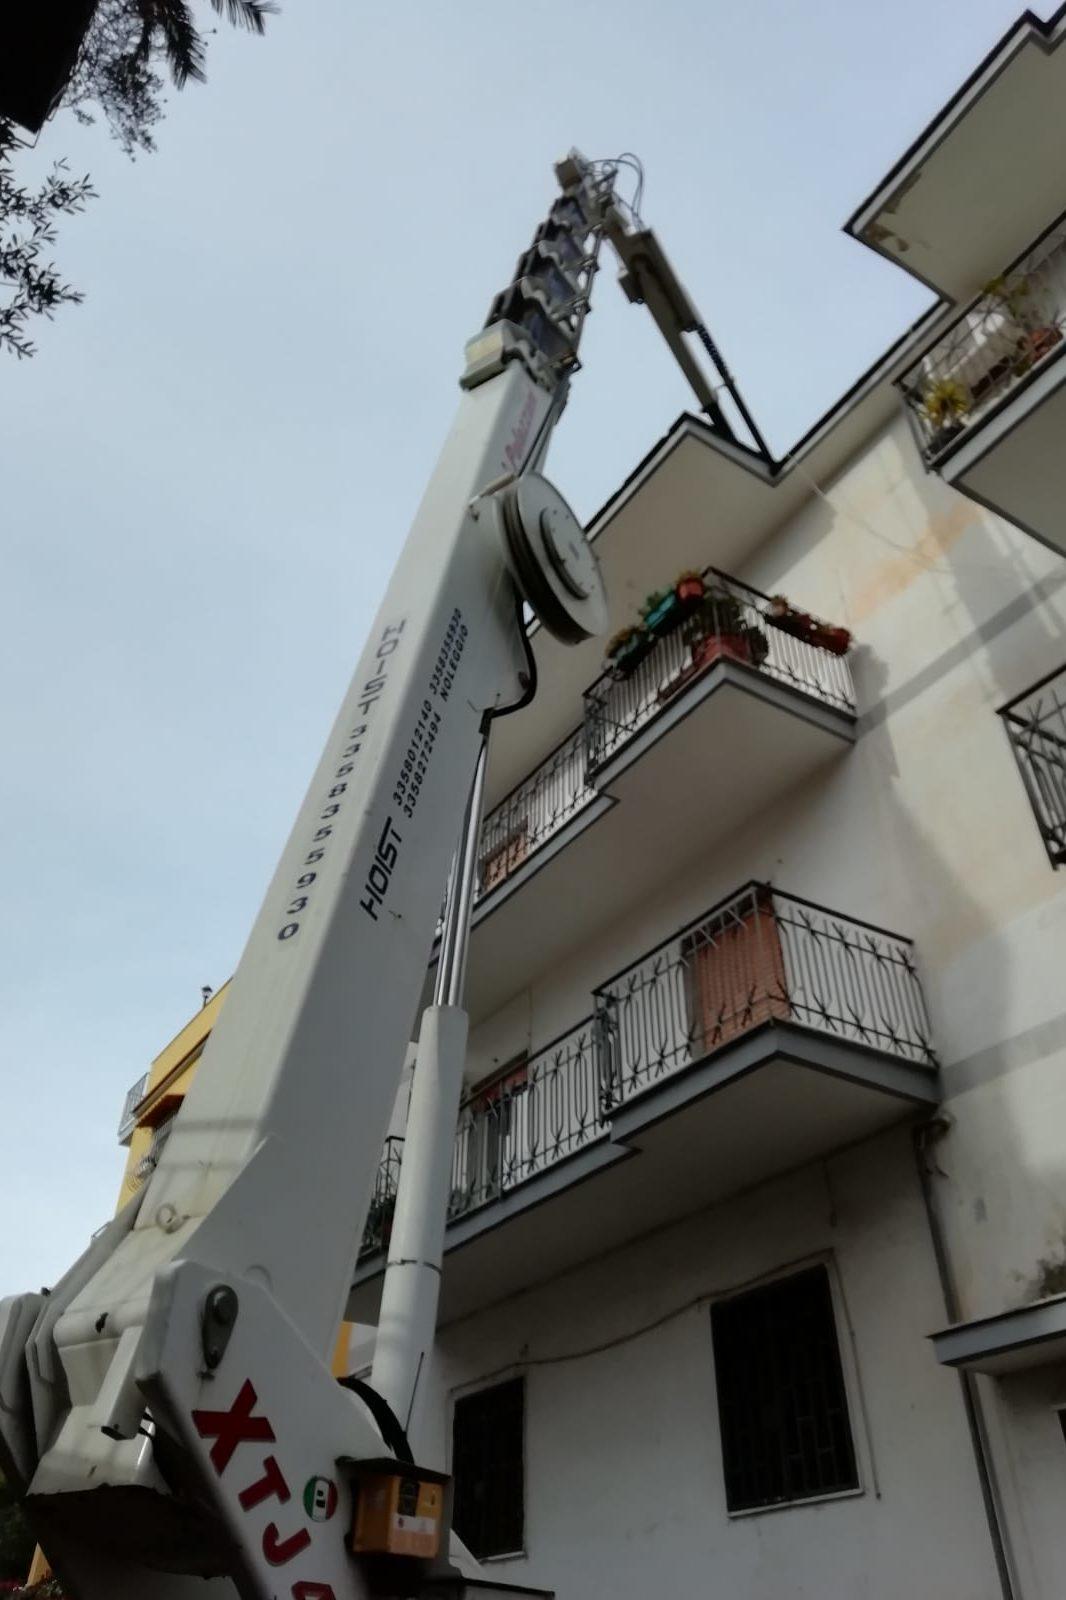 Vittoria al Tar Napoli: rimosso l'impianto a banda larga | FOTO e VIDEO